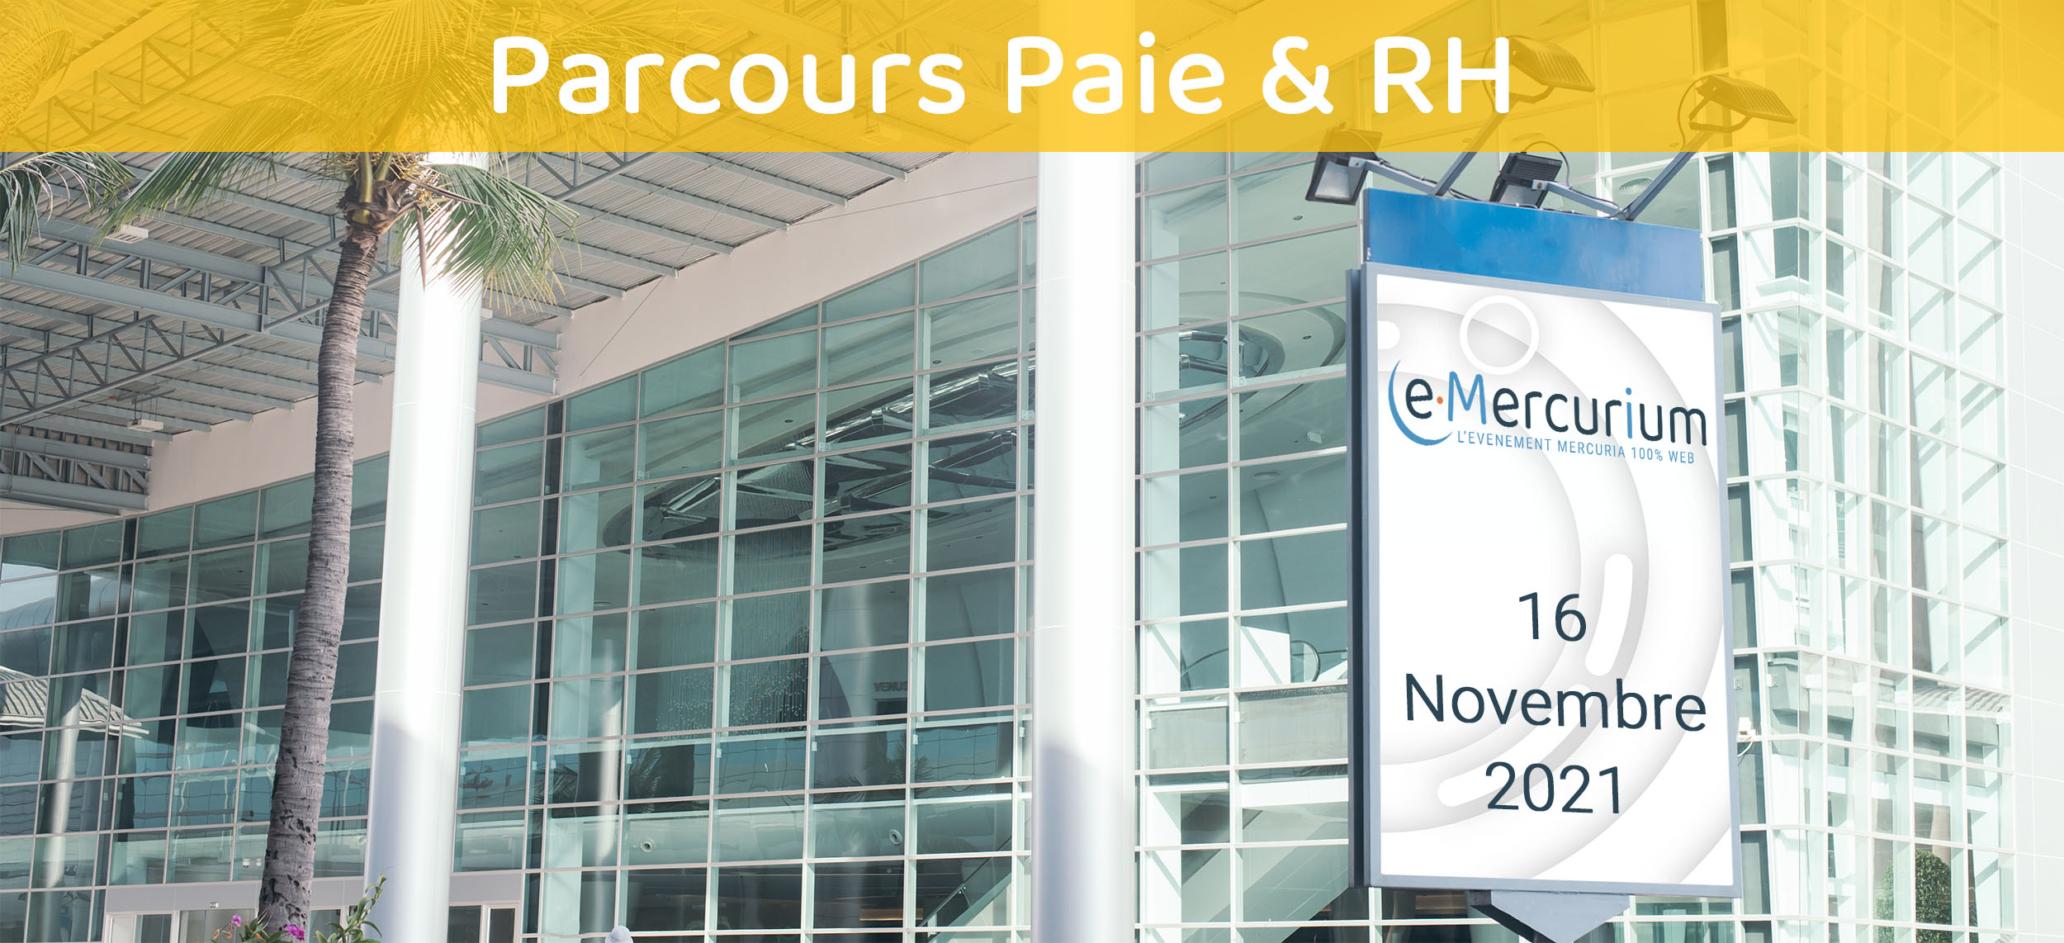 Mercuria : e-Mercurium 2021 - Parcours Paie et RH - Sage - Lucca